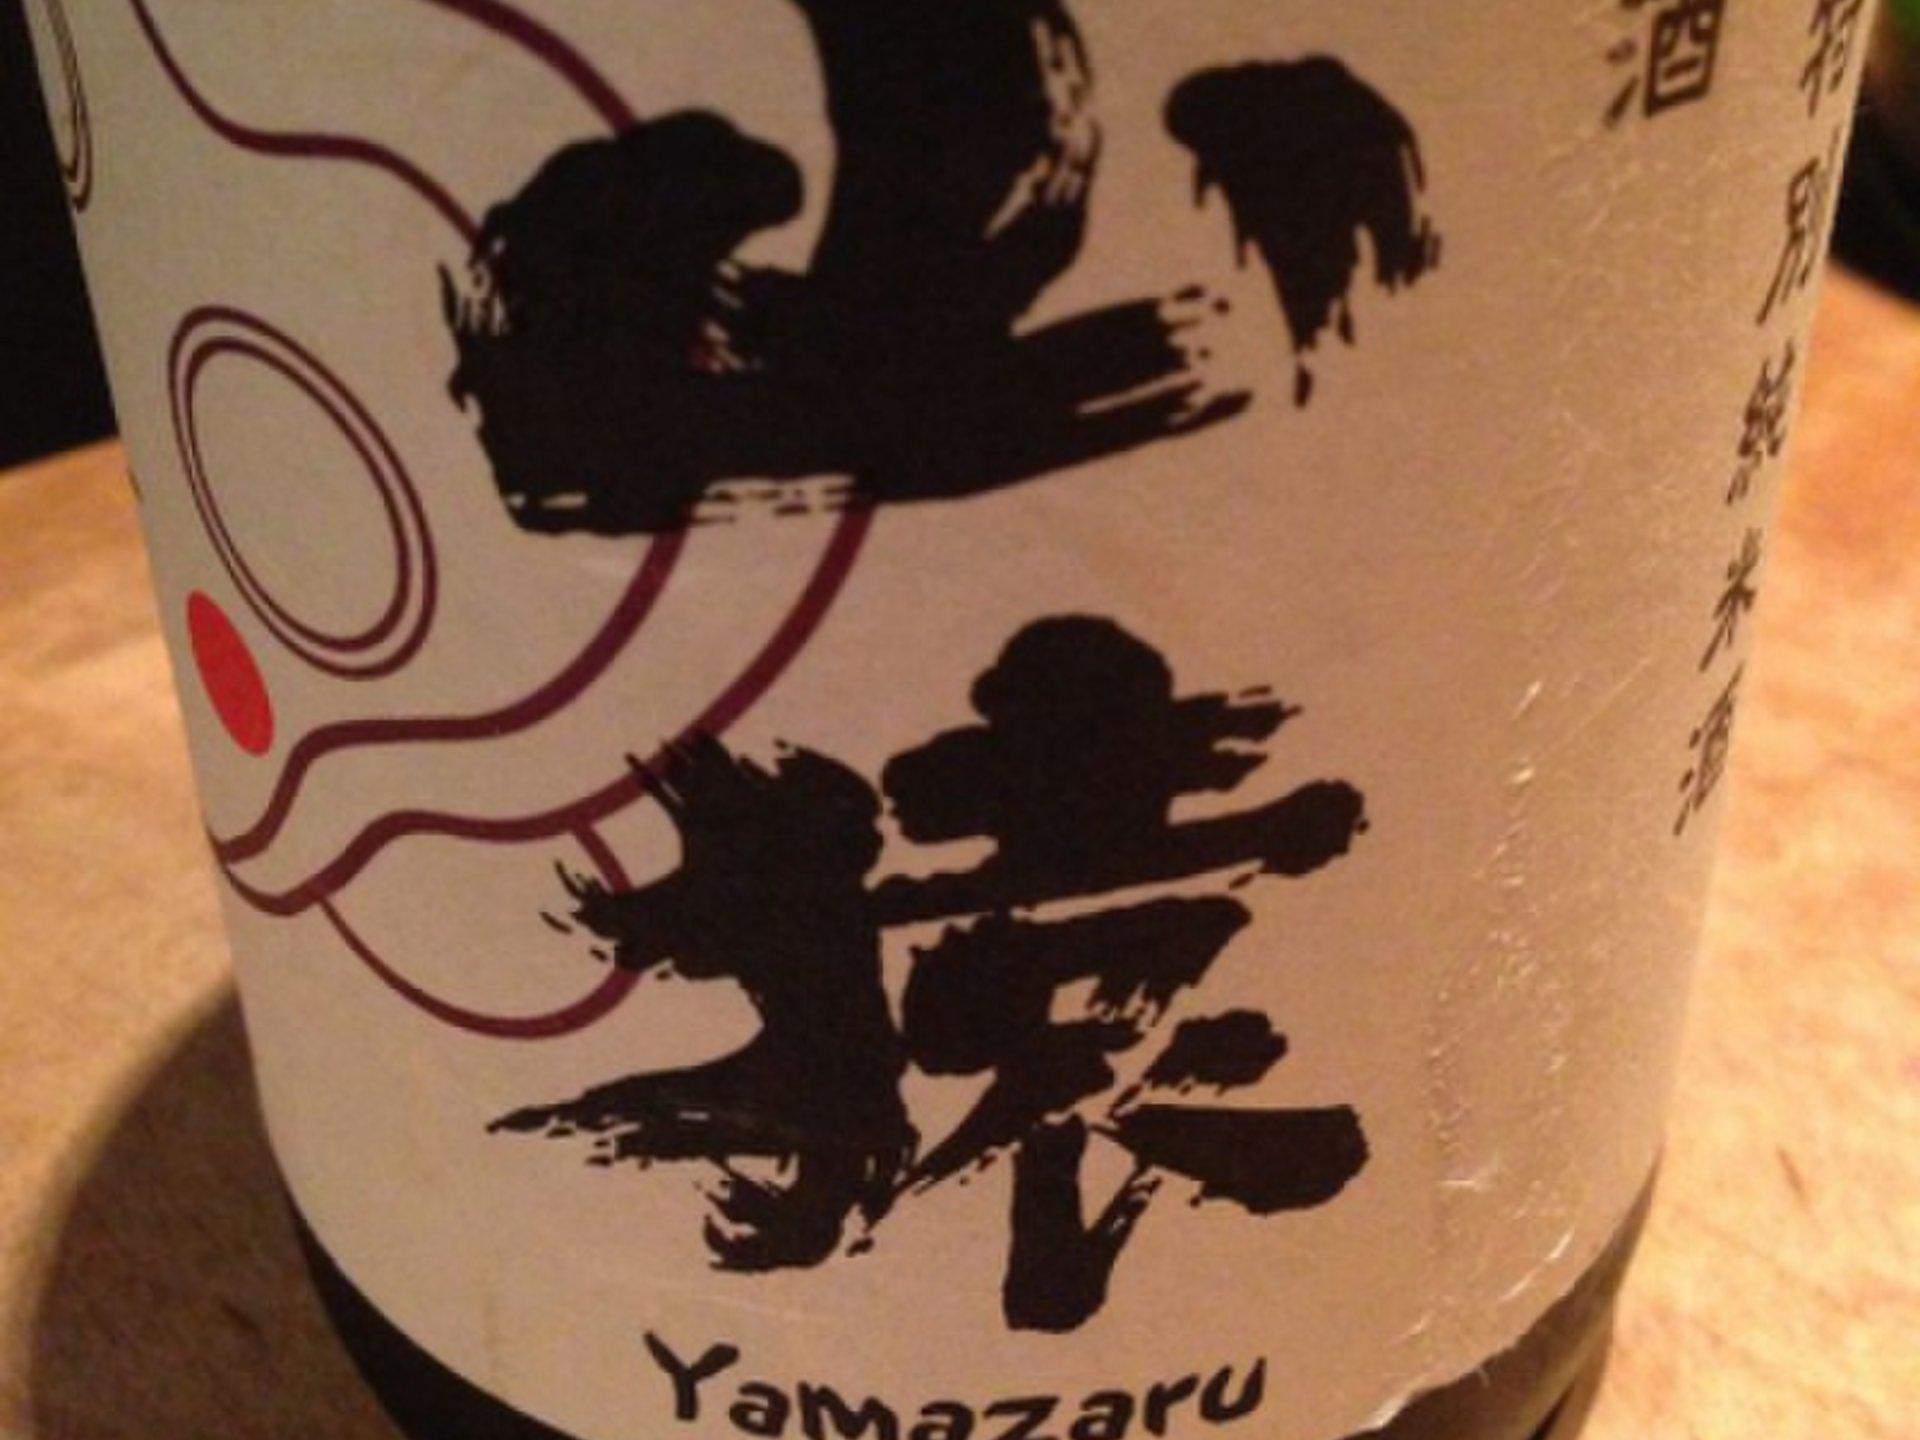 おしゃれなバーで美味しい日本酒を吞もう♪カウンターで吞むのはカクテルよりも日本酒がおすすめ!